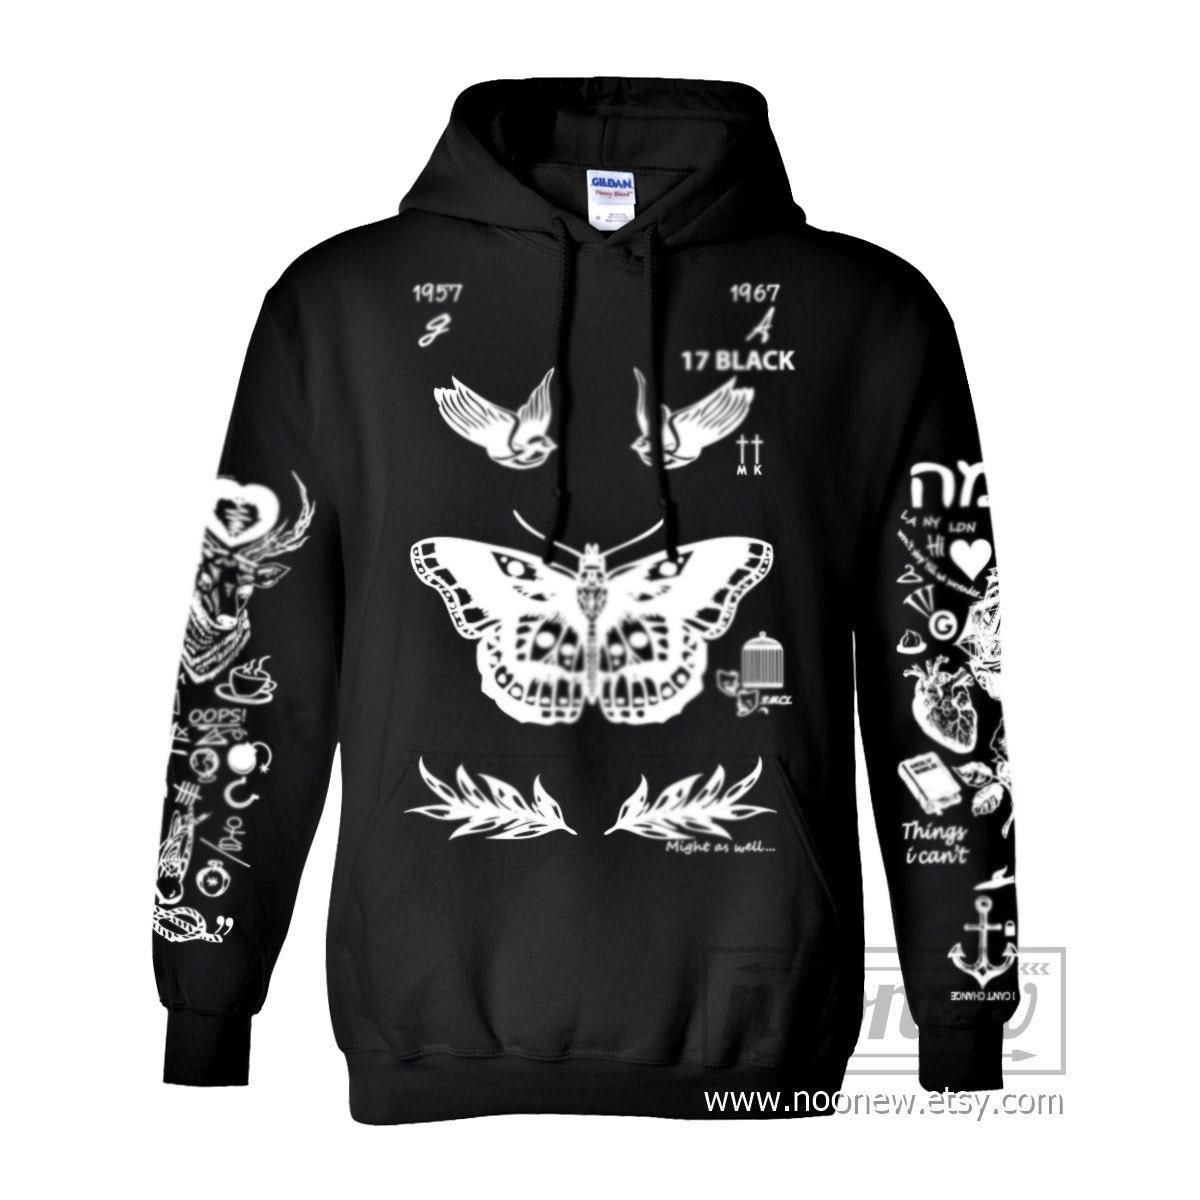 Larry Stylinson Tattoo Hoodies Sweatshirts Women Sweater Long